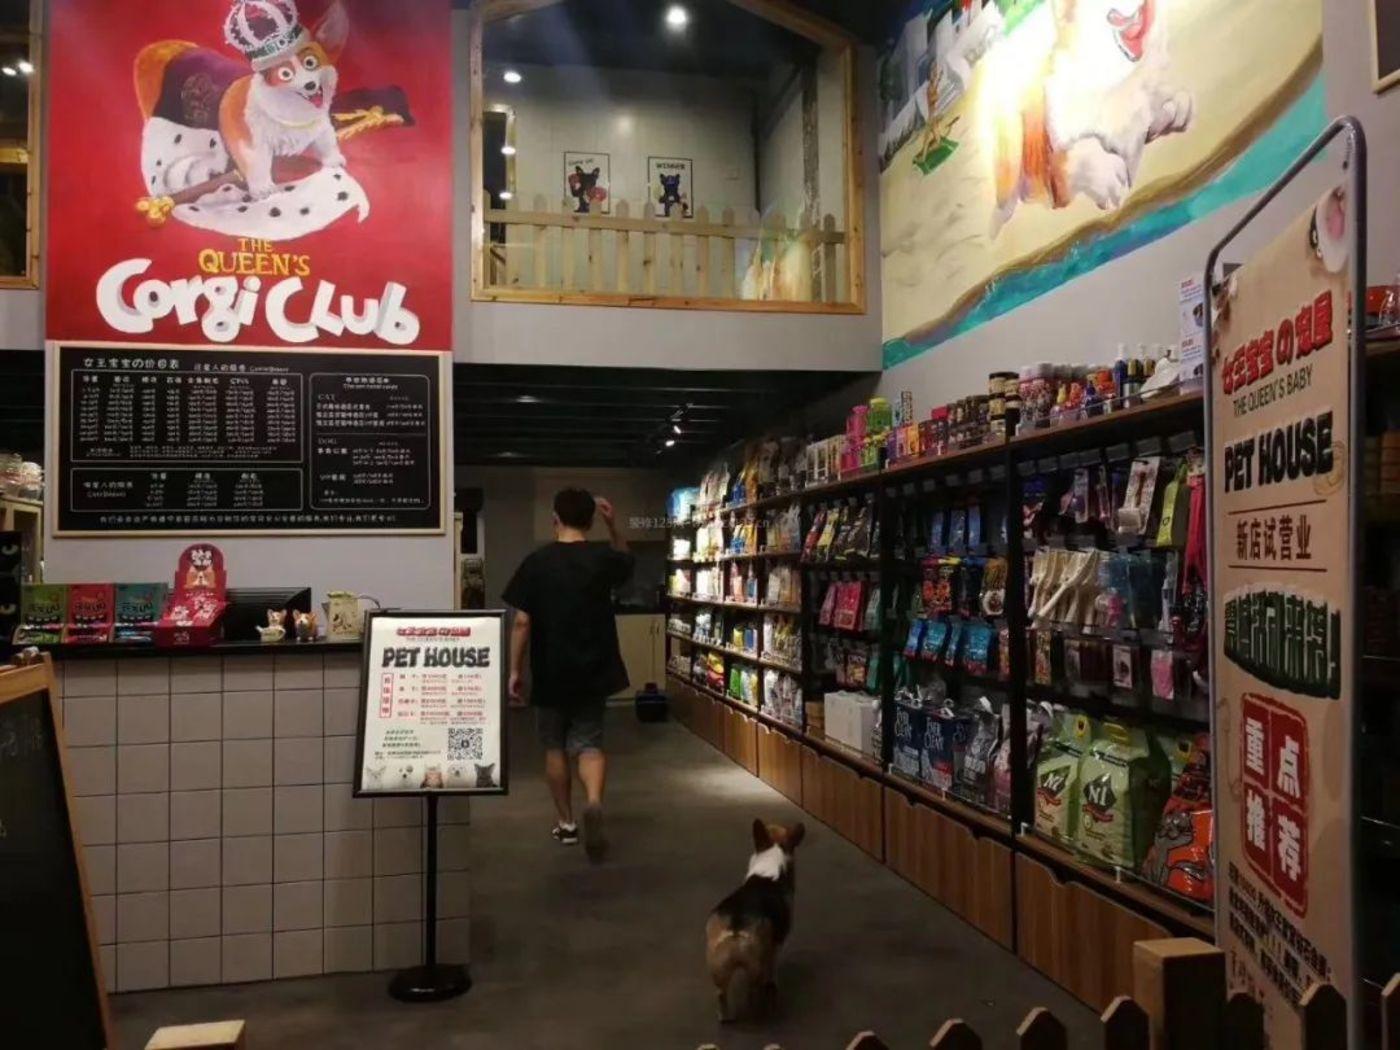 如今的宠物店装修风格也成为吸引顾客的关键因素之一